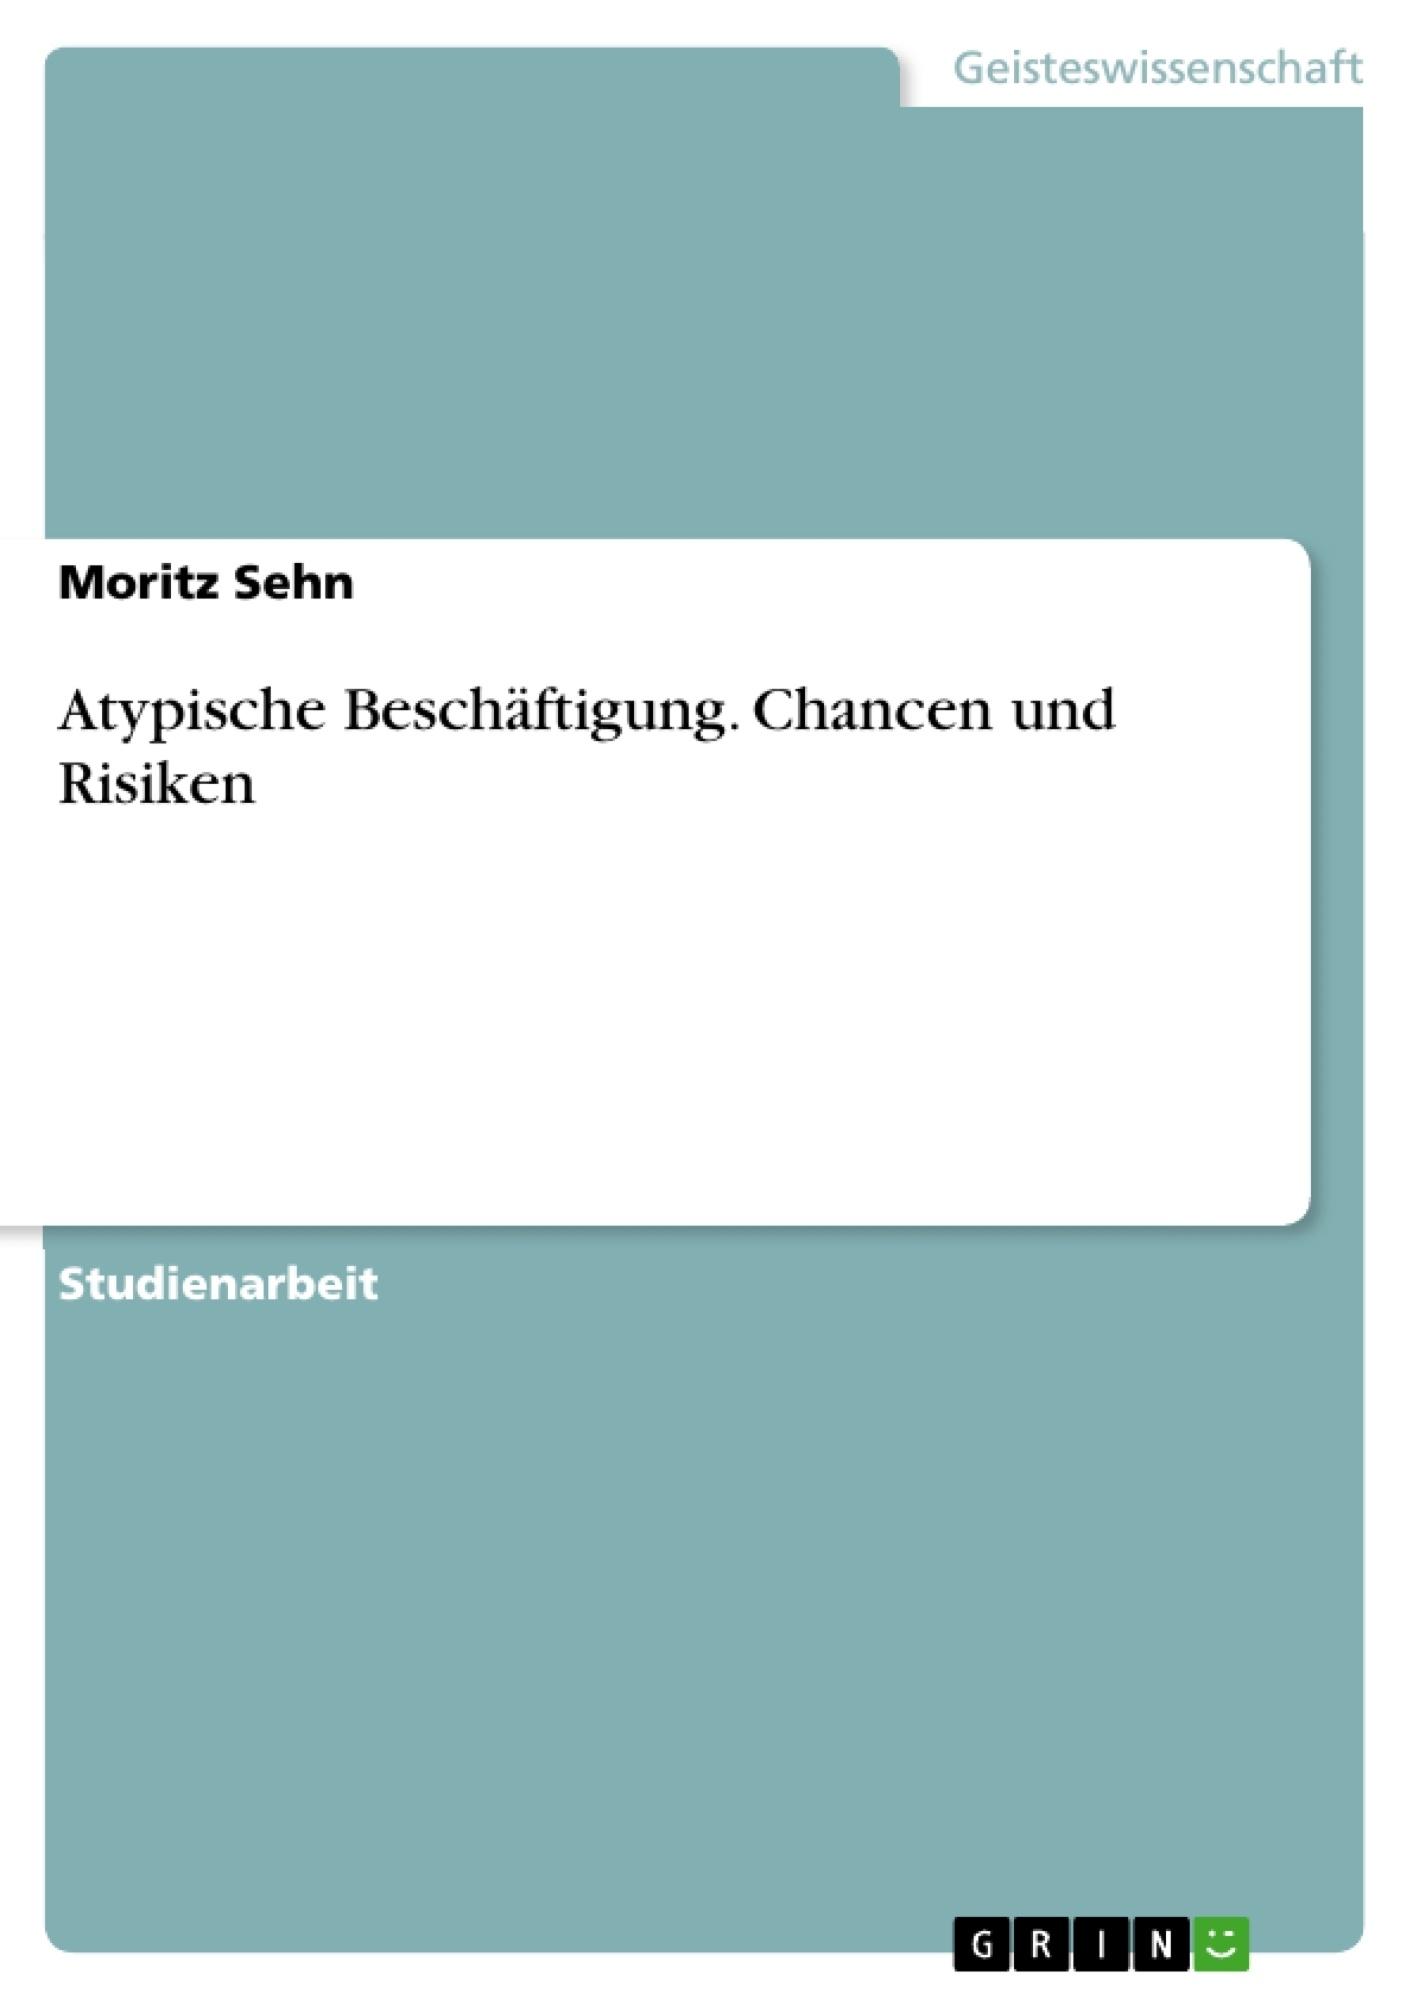 Titel: Atypische Beschäftigung. Chancen und Risiken